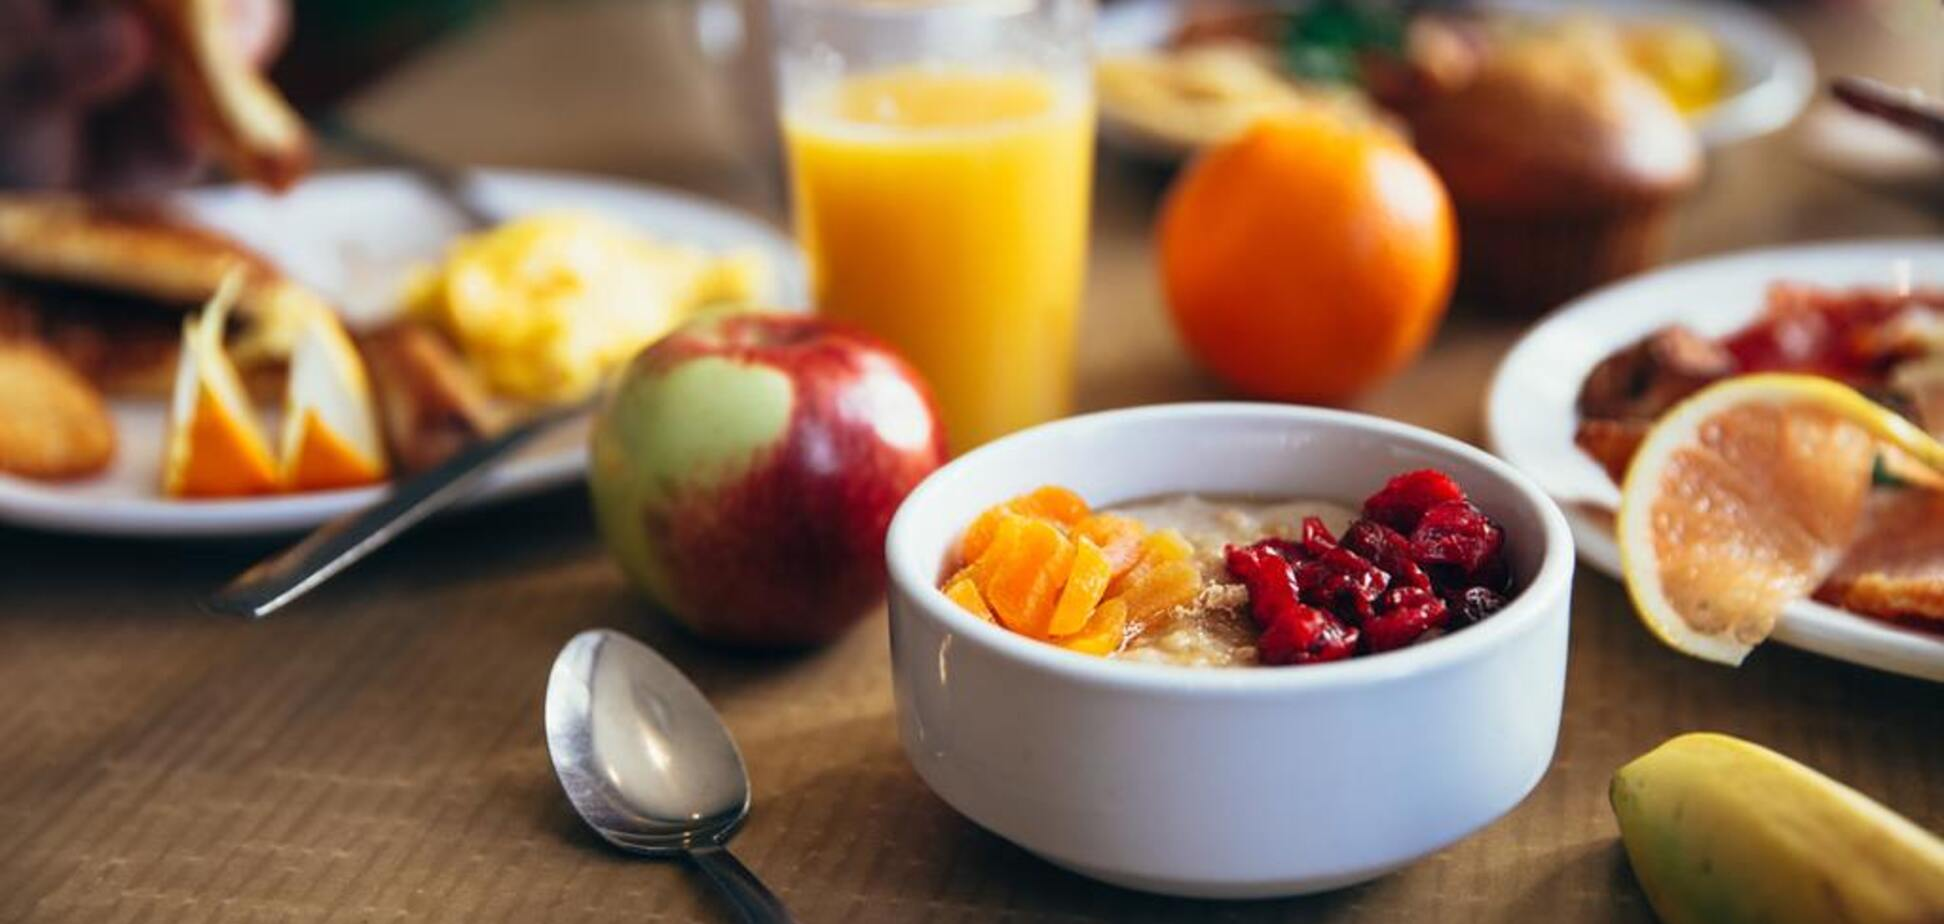 Допомагають схуднути: названі найкращі продукти для сніданку